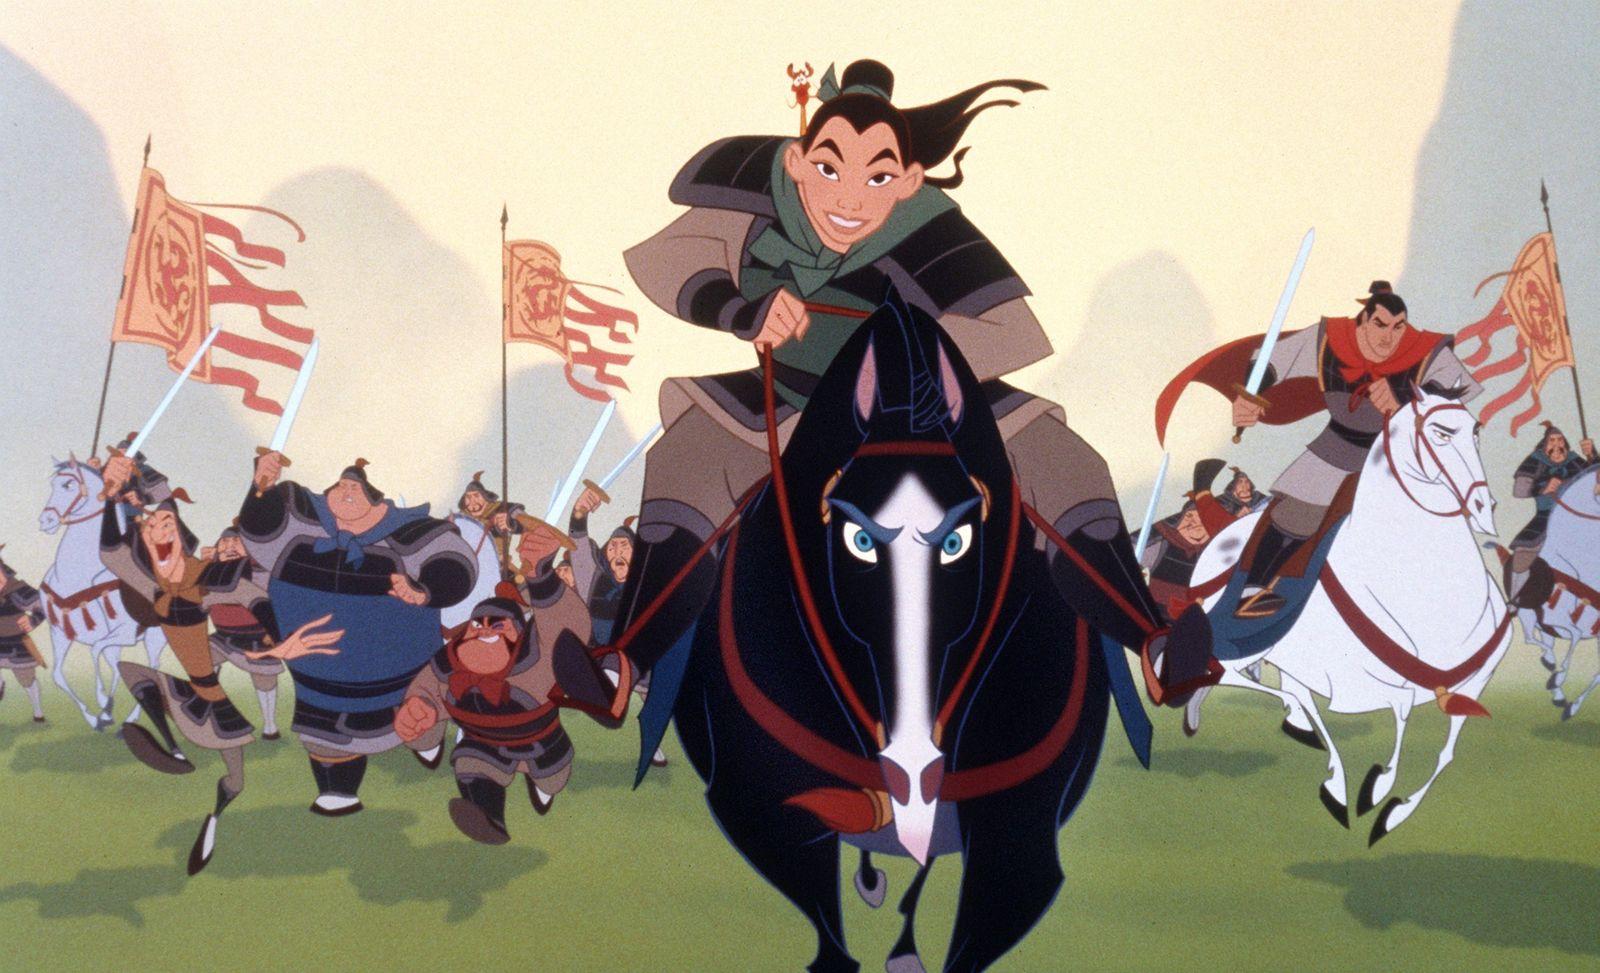 Kinofilm/ Mulan